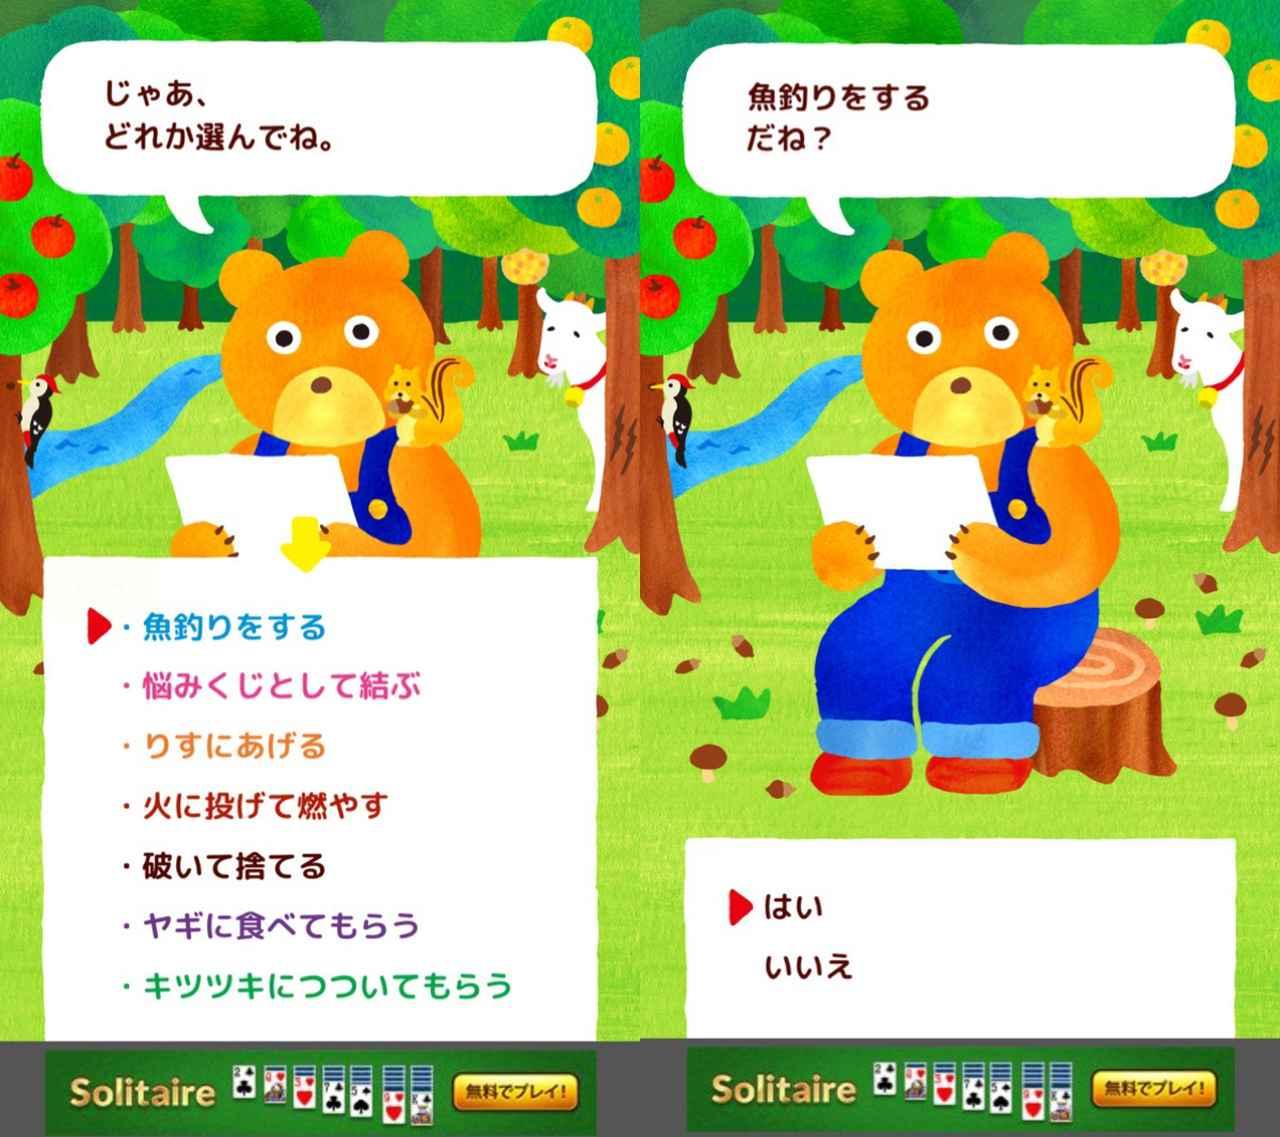 画像2: 優しく共感してくれるクマさんに癒される!悩みを書いた紙は残さずスッキリ!